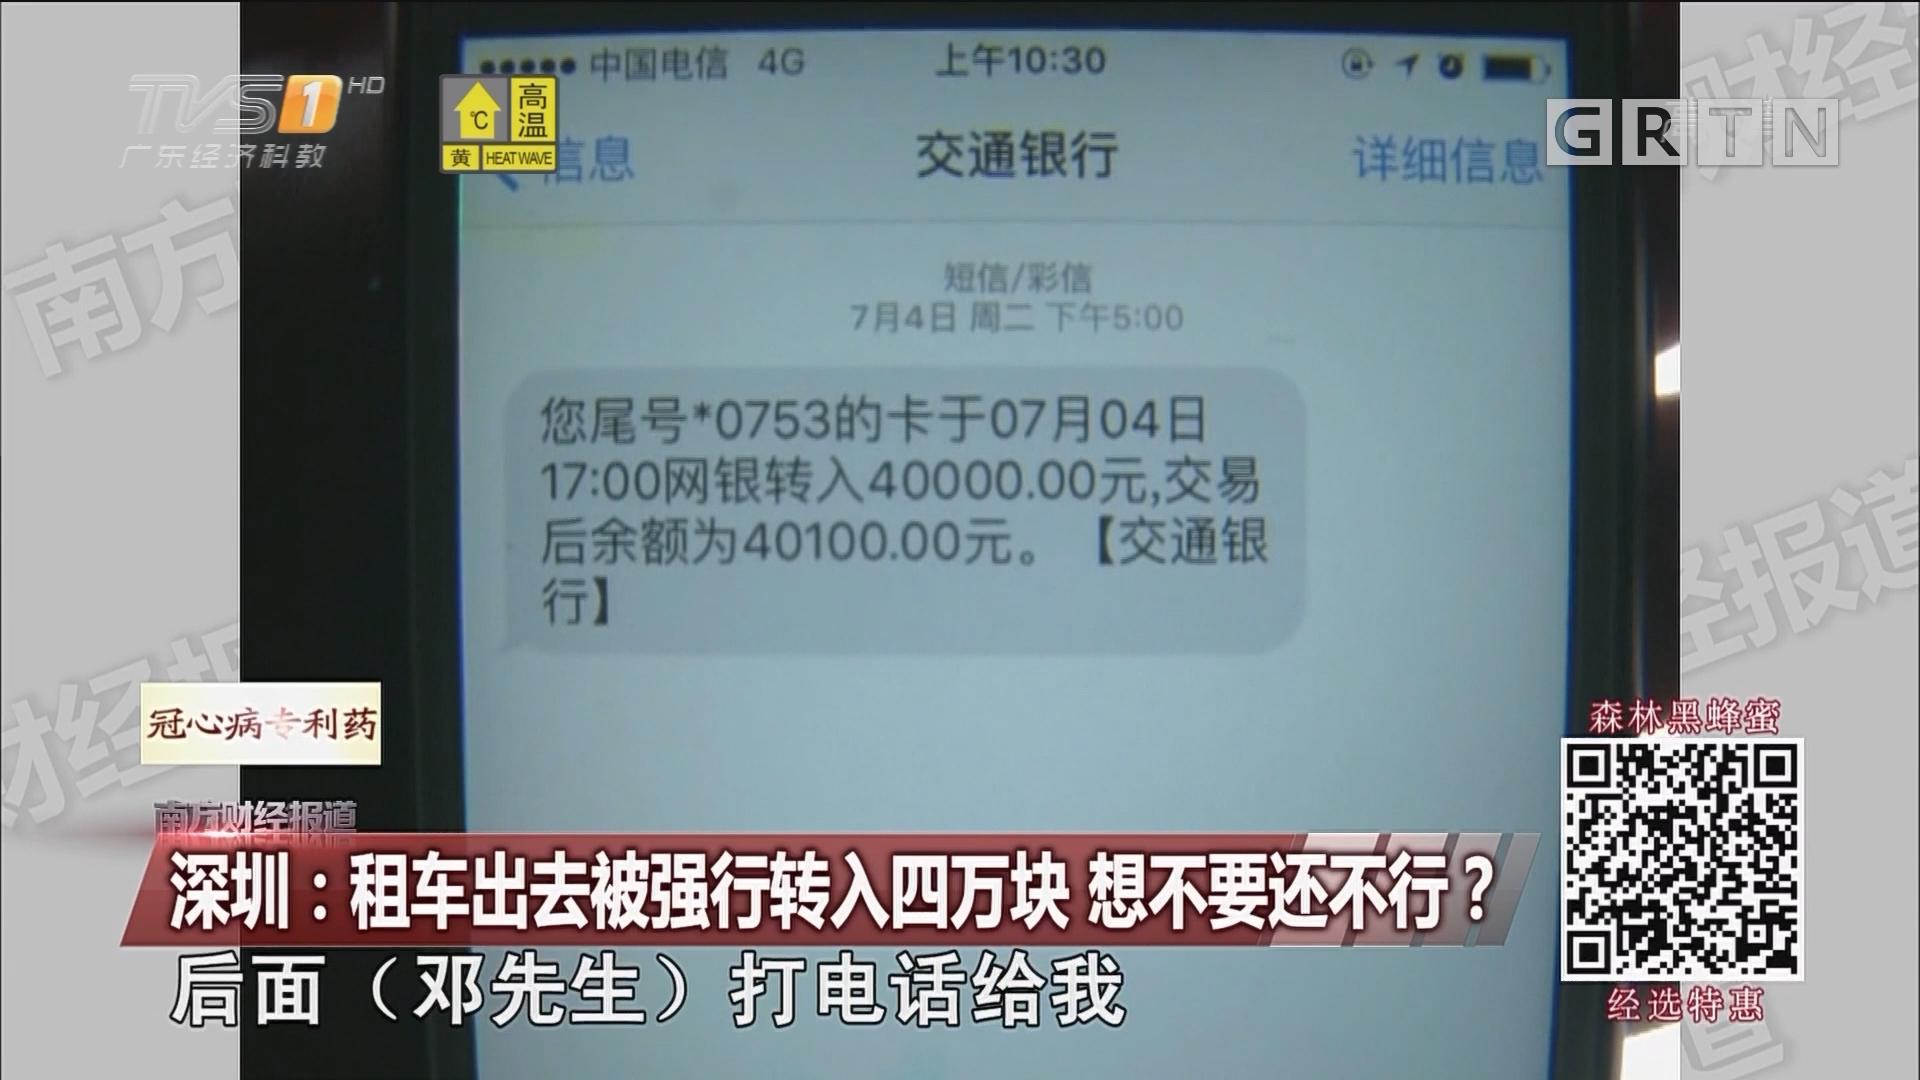 深圳:租车出去被强行转入四万块 想不要还不行?